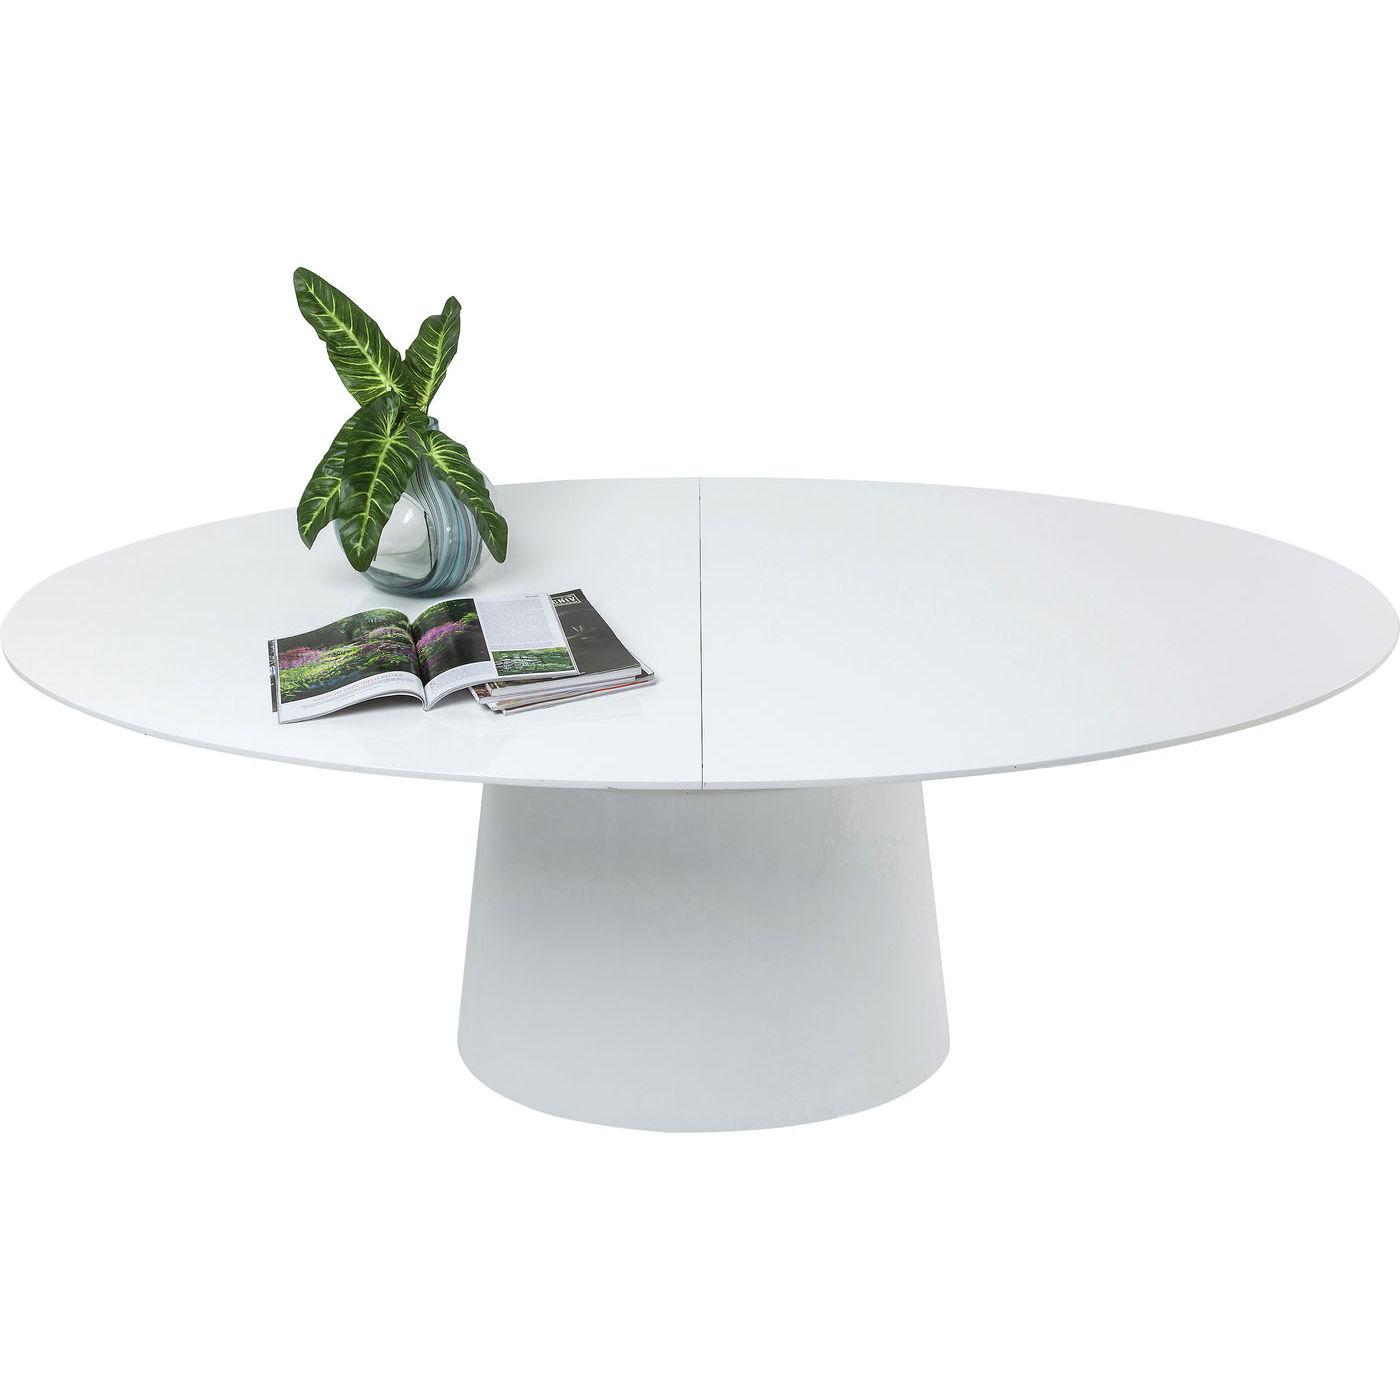 KARE DESIGN Extension Benvenuto ovalt spisebord - hvid hjglans tr, m. butterflyplade (200(50)x110)